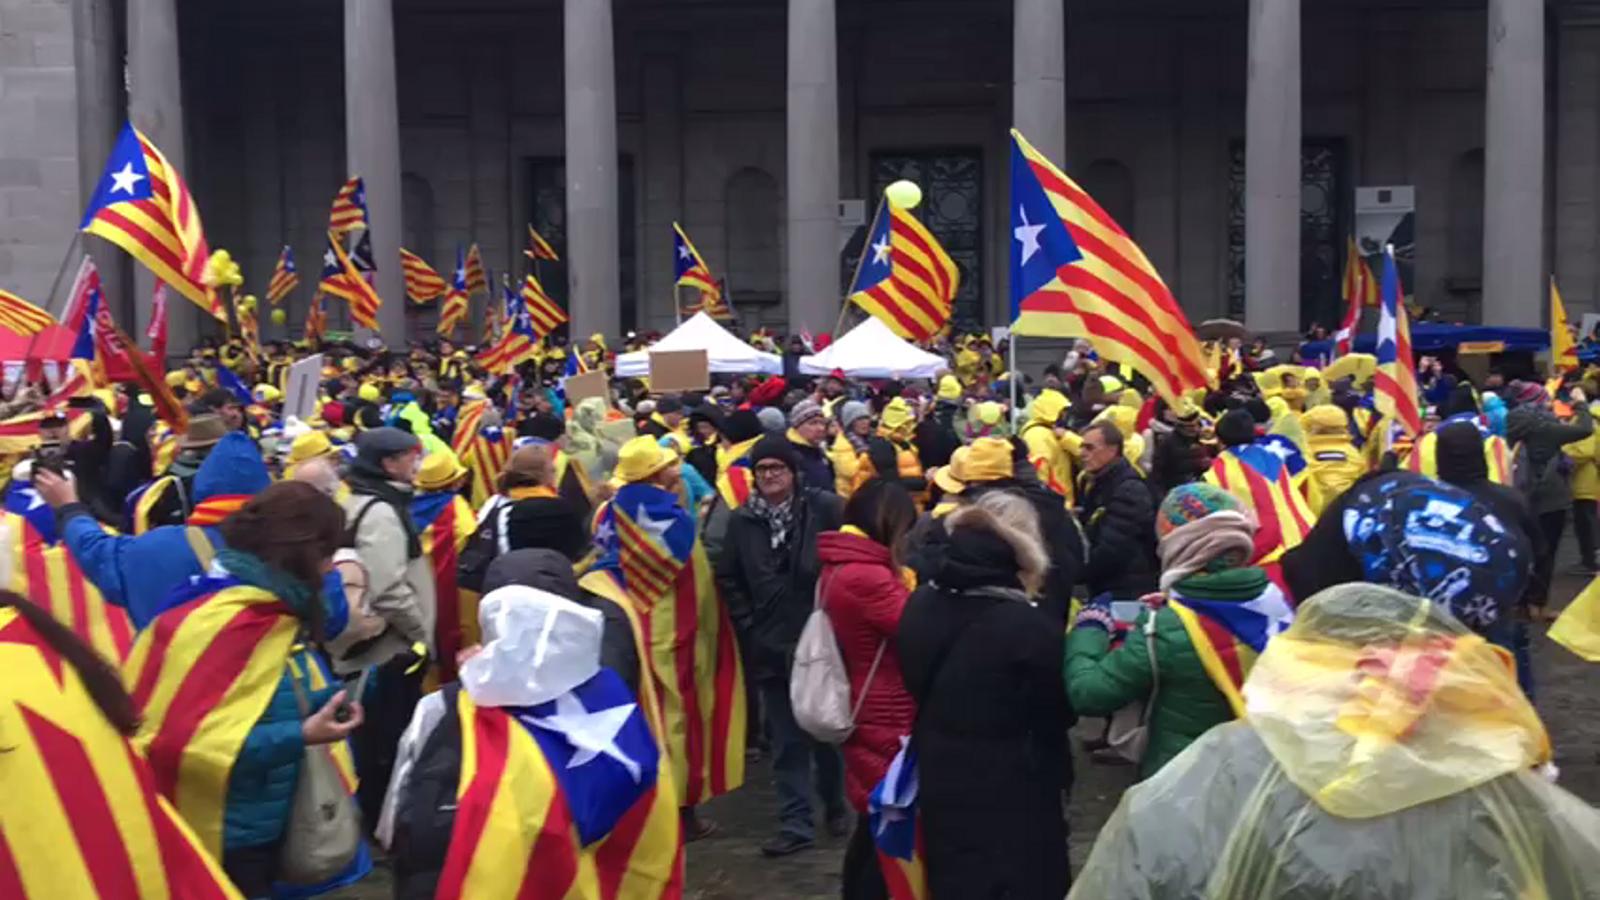 Desenes de catalans canten 'Els Segadors'  i criden independència a Brussel·les